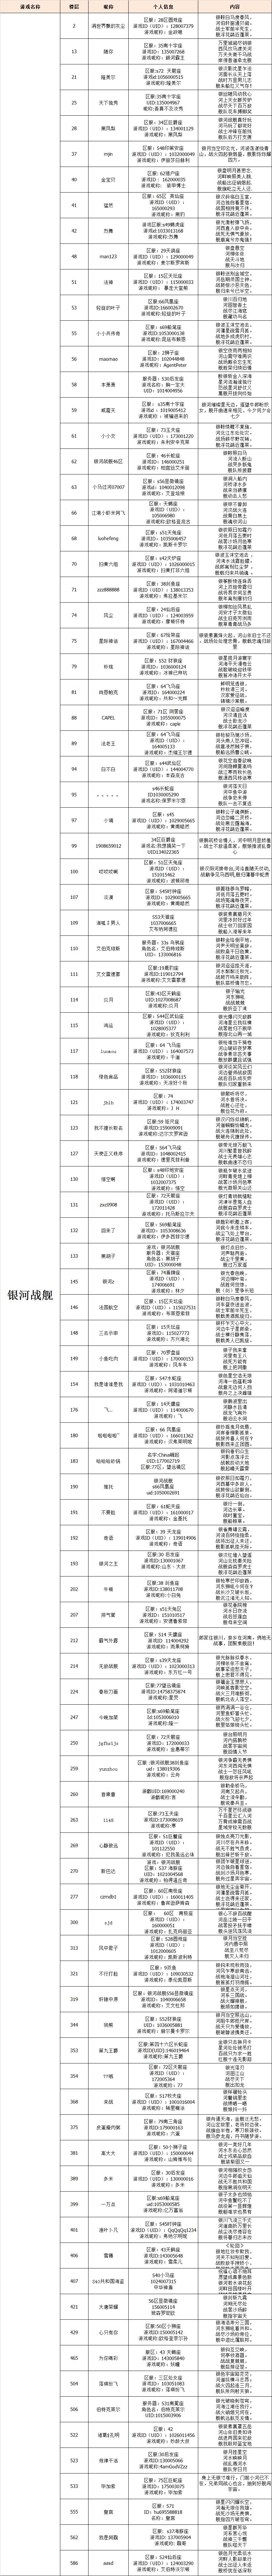 银河战舰获奖名单图.png